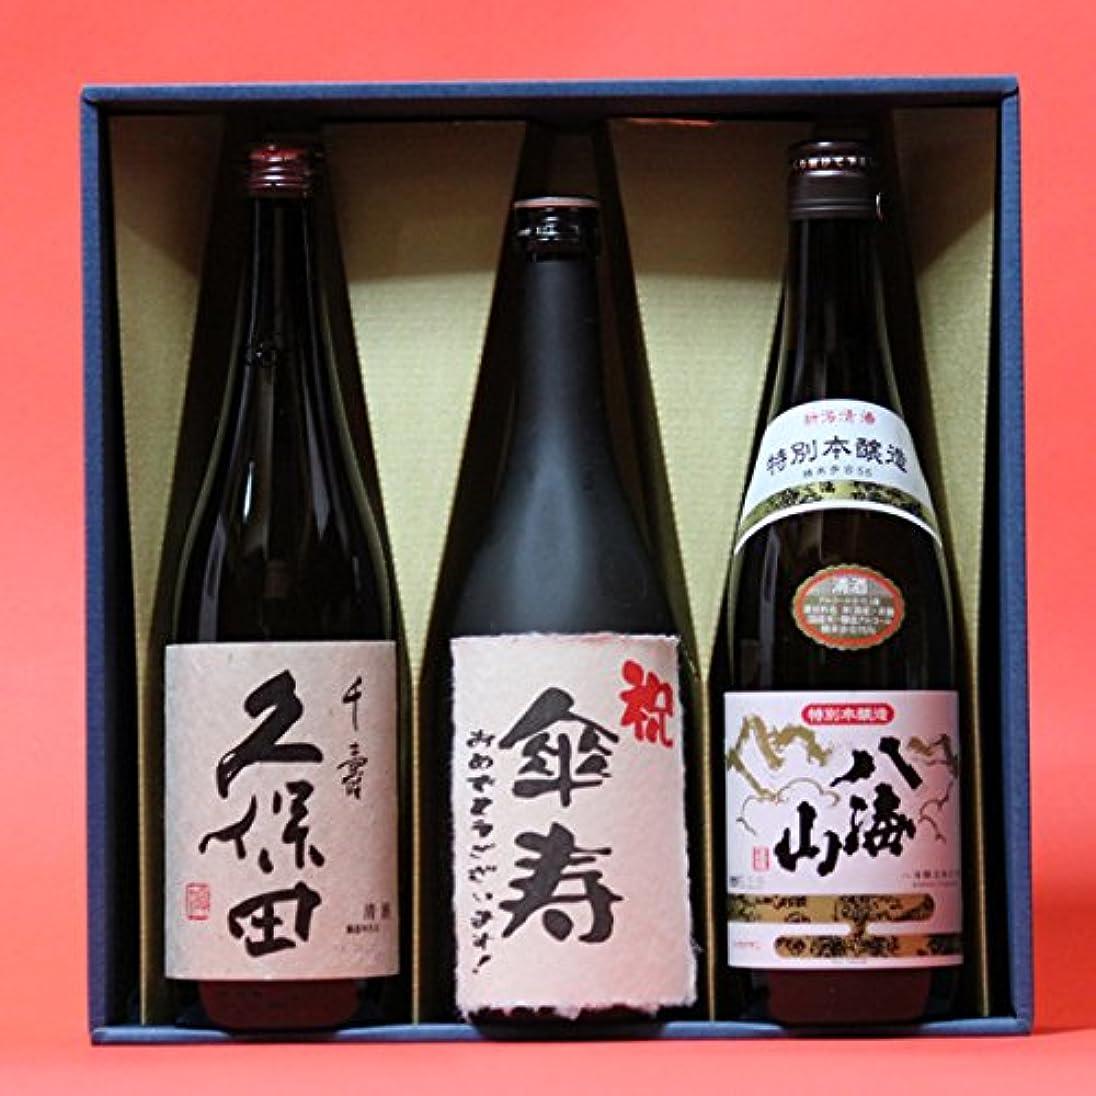 尋ねる選択するマージ傘寿〔さんじゅ〕(80歳)おめでとうございます!日本酒本醸造+久保田千寿+八海山本醸造720ml 3本ギフト箱 茶色クラフト紙ラッピング 祝傘寿のし 飲み比べセット